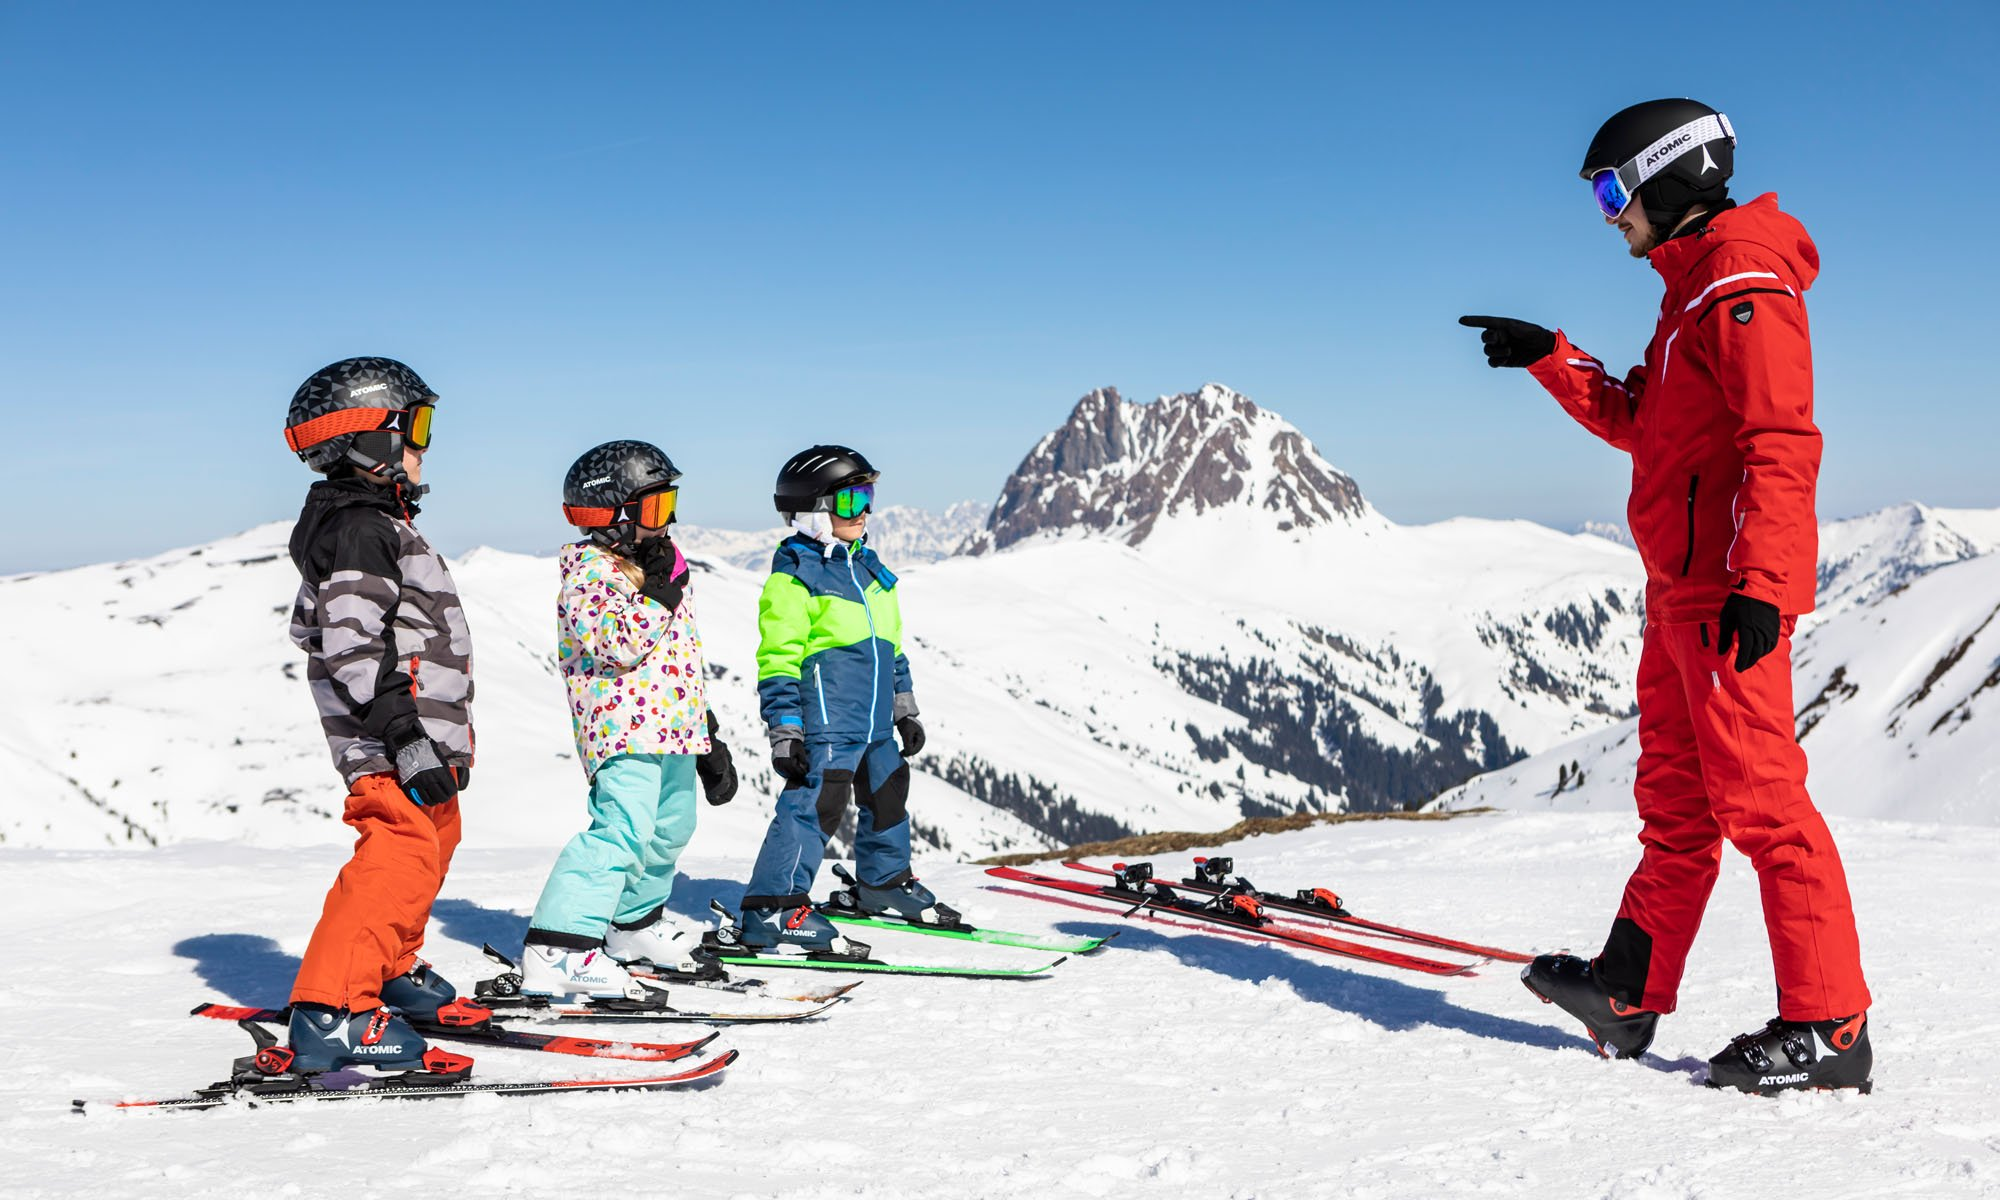 Drie kinderen krijgen instructies van een privé-instructeur op de piste.